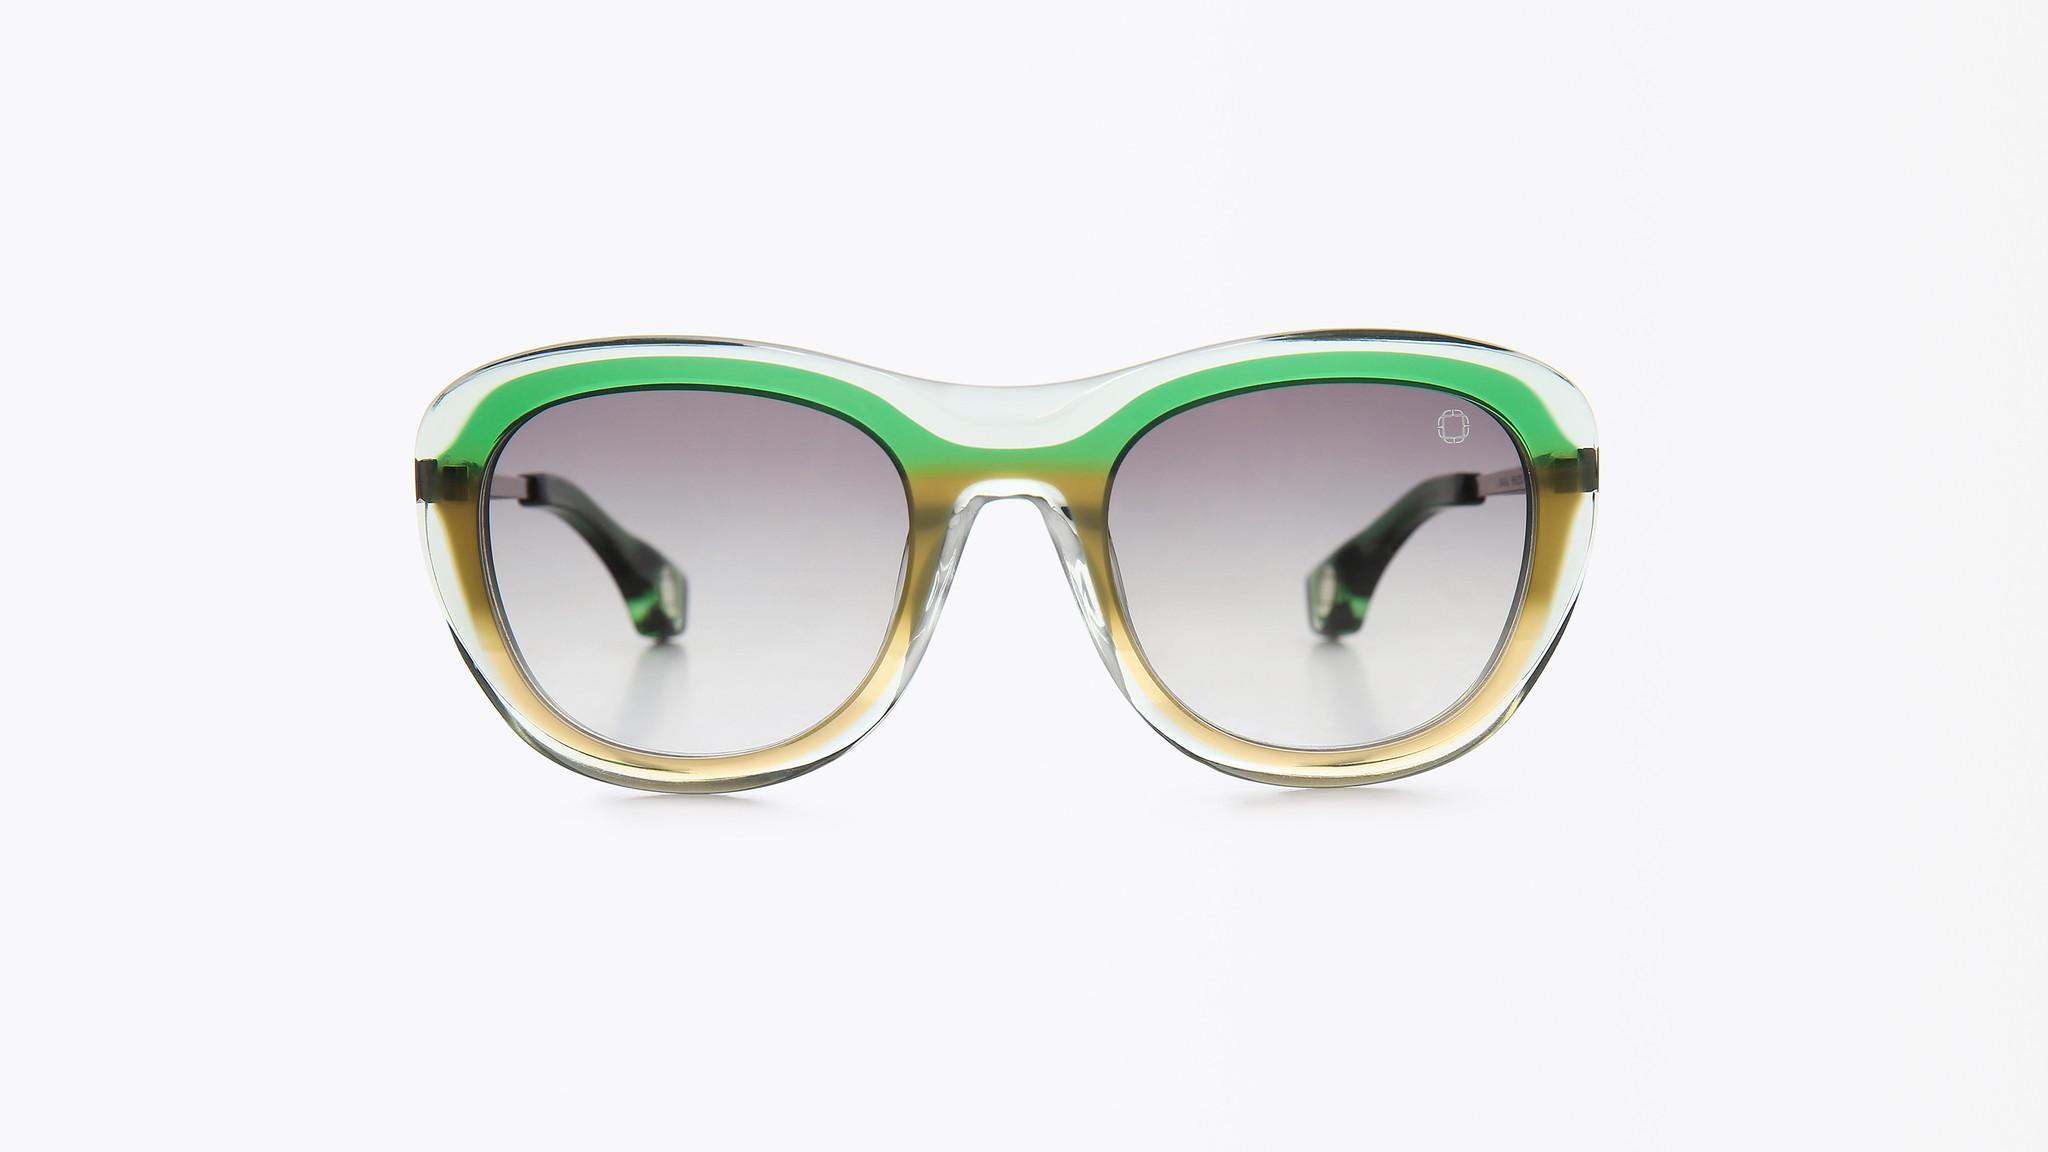 Blake Kuwahara Chareau in Hemlock Fade Sunglasses, $625. www.blakekuwahara.com